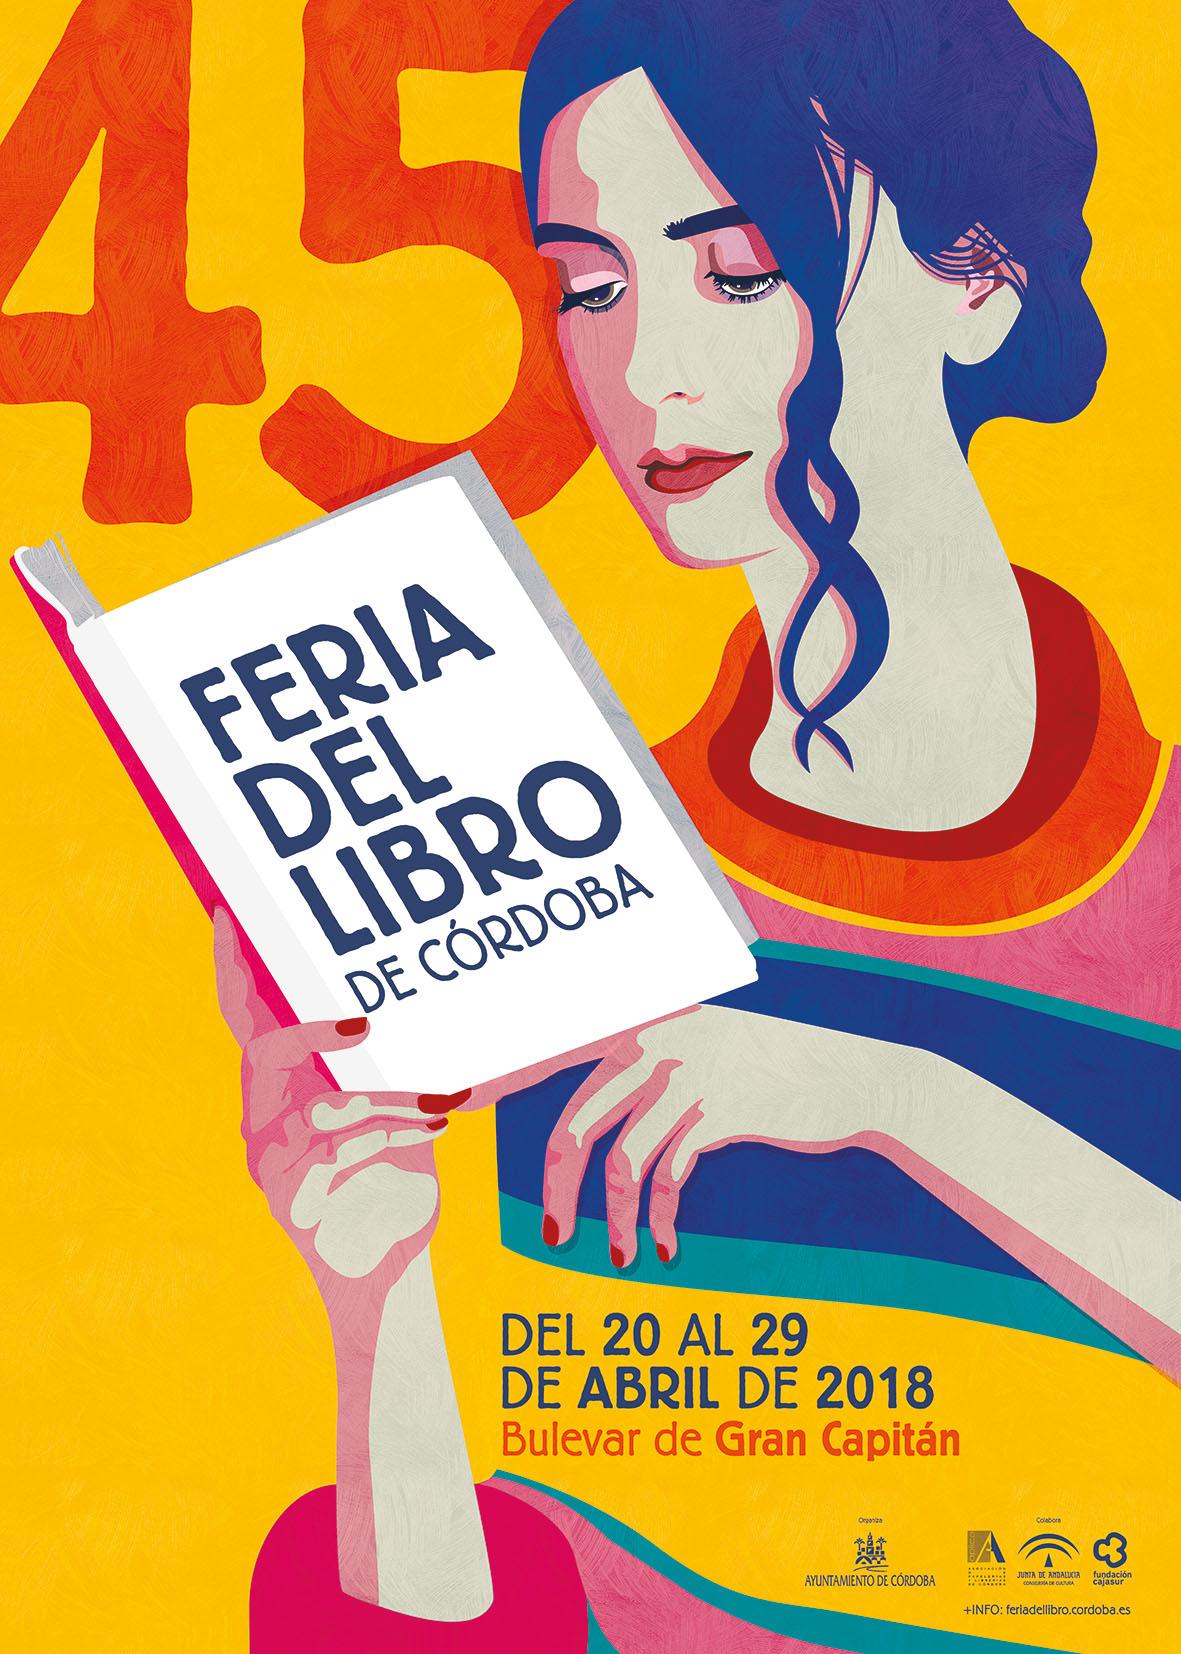 Feria del libro de c rdoba for Feria de artesanias cordoba 2016